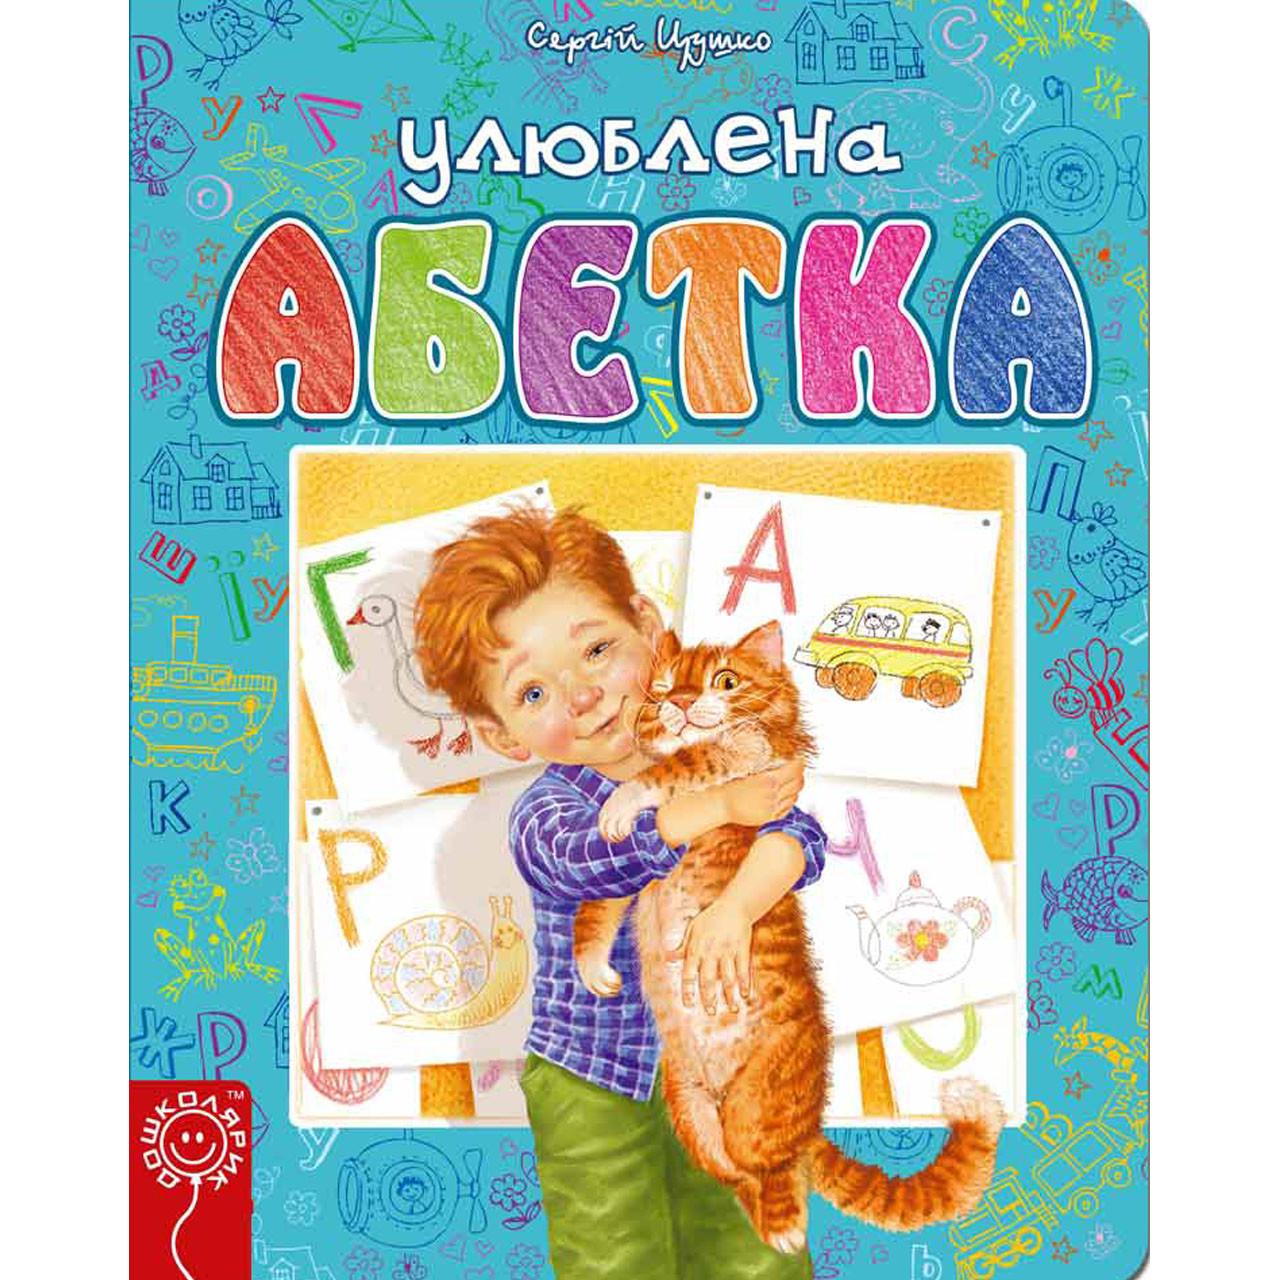 Книжка-картонка Улюблена абетка Авт: Цушко С. Вид: Школа